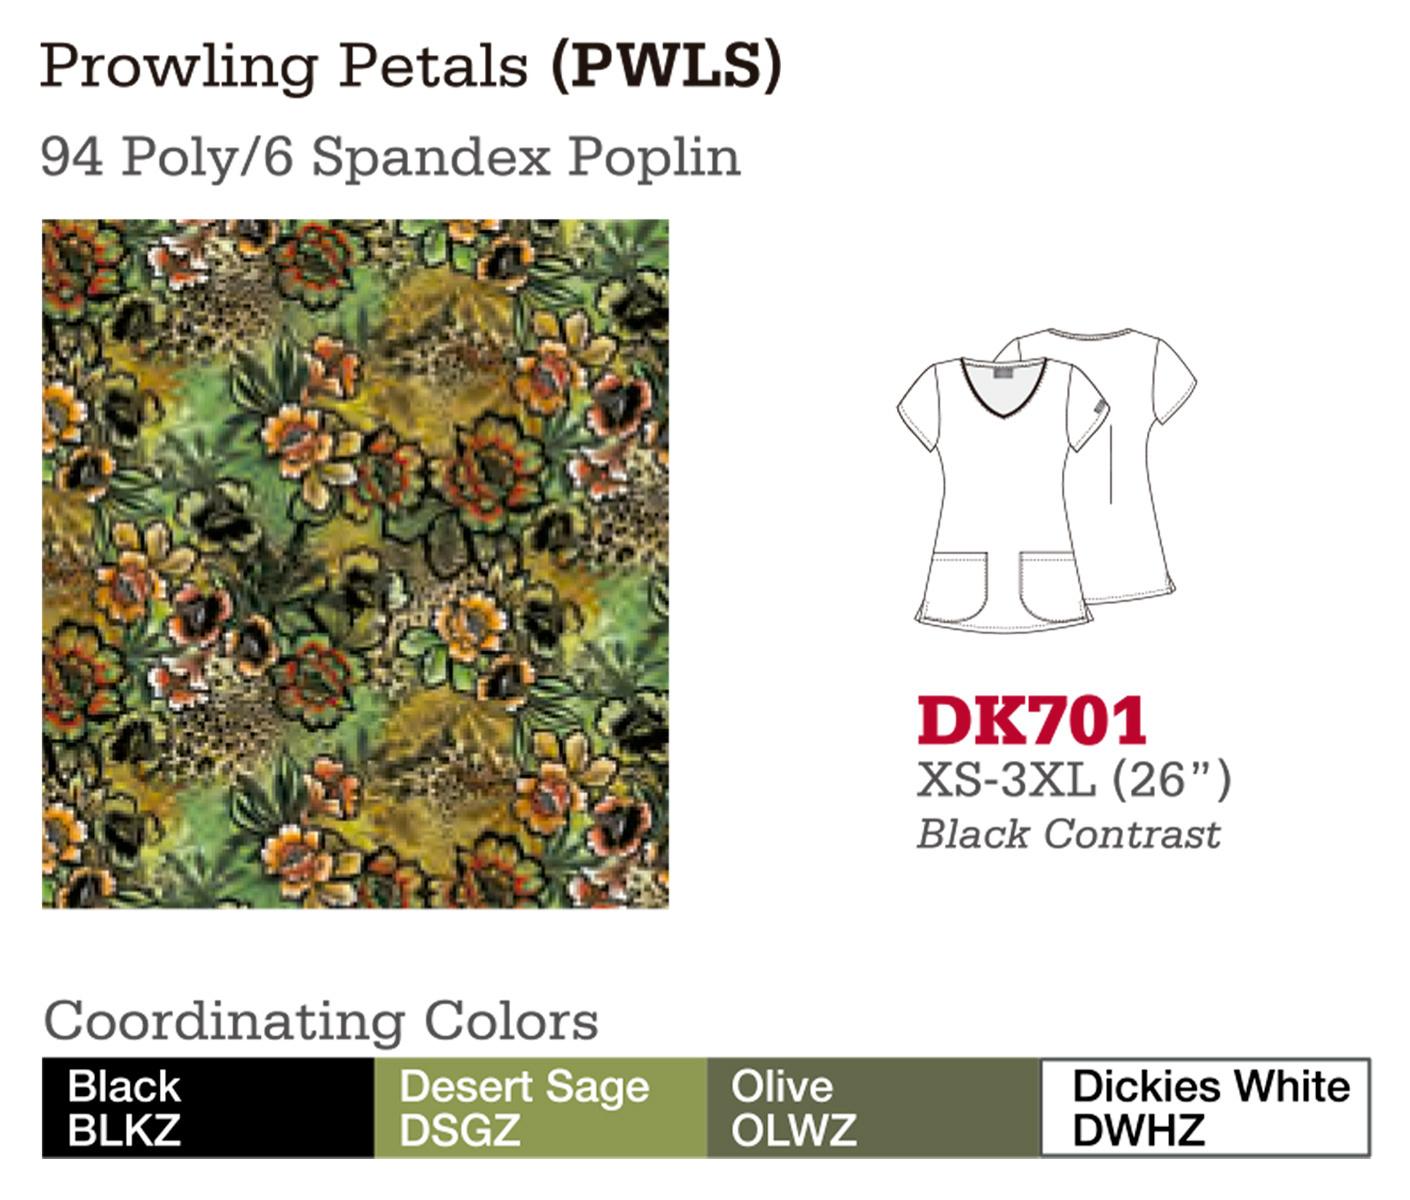 Prowling Petals. DK701.